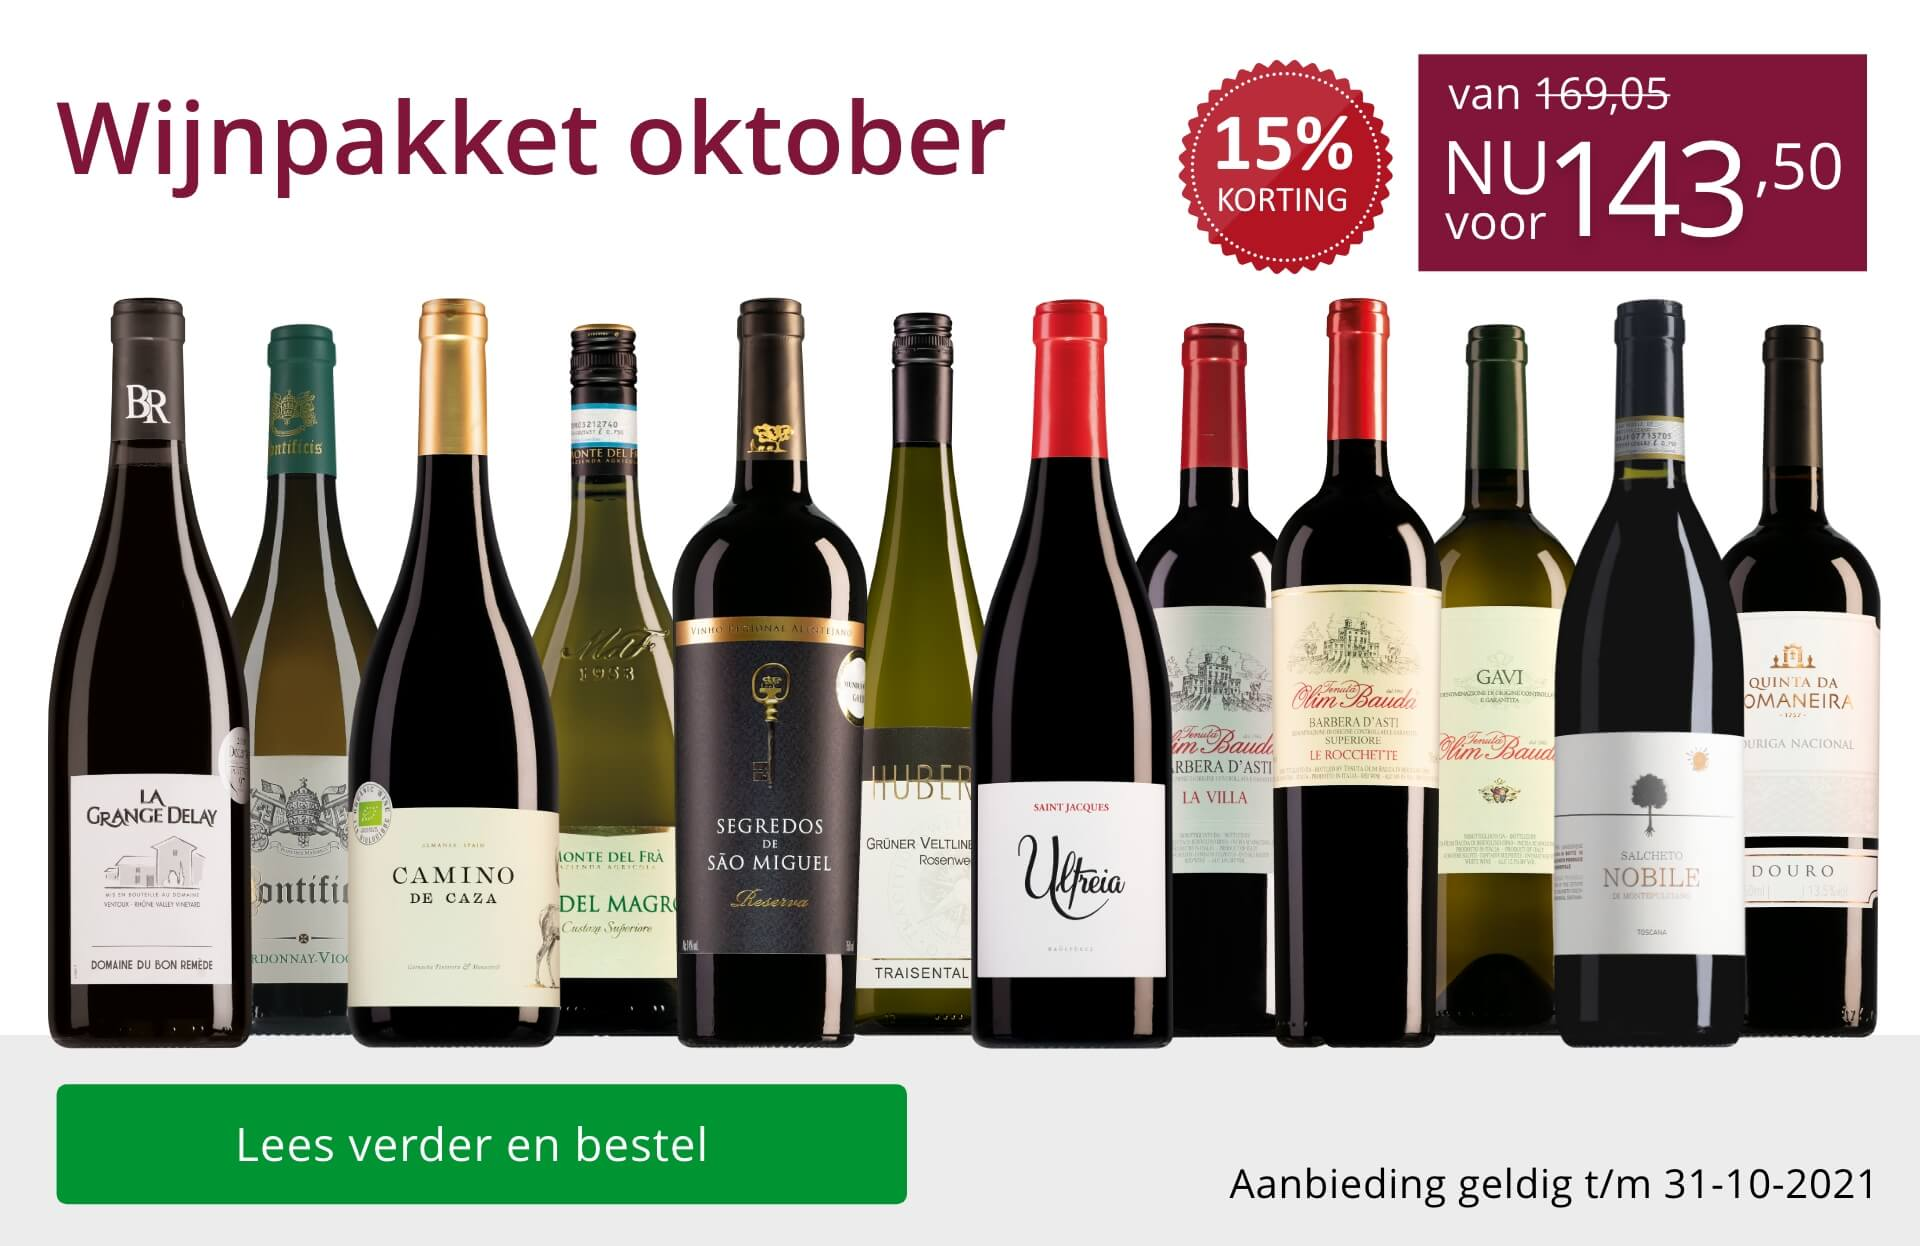 Wijnpakket wijnbericht oktober 2021 - paars